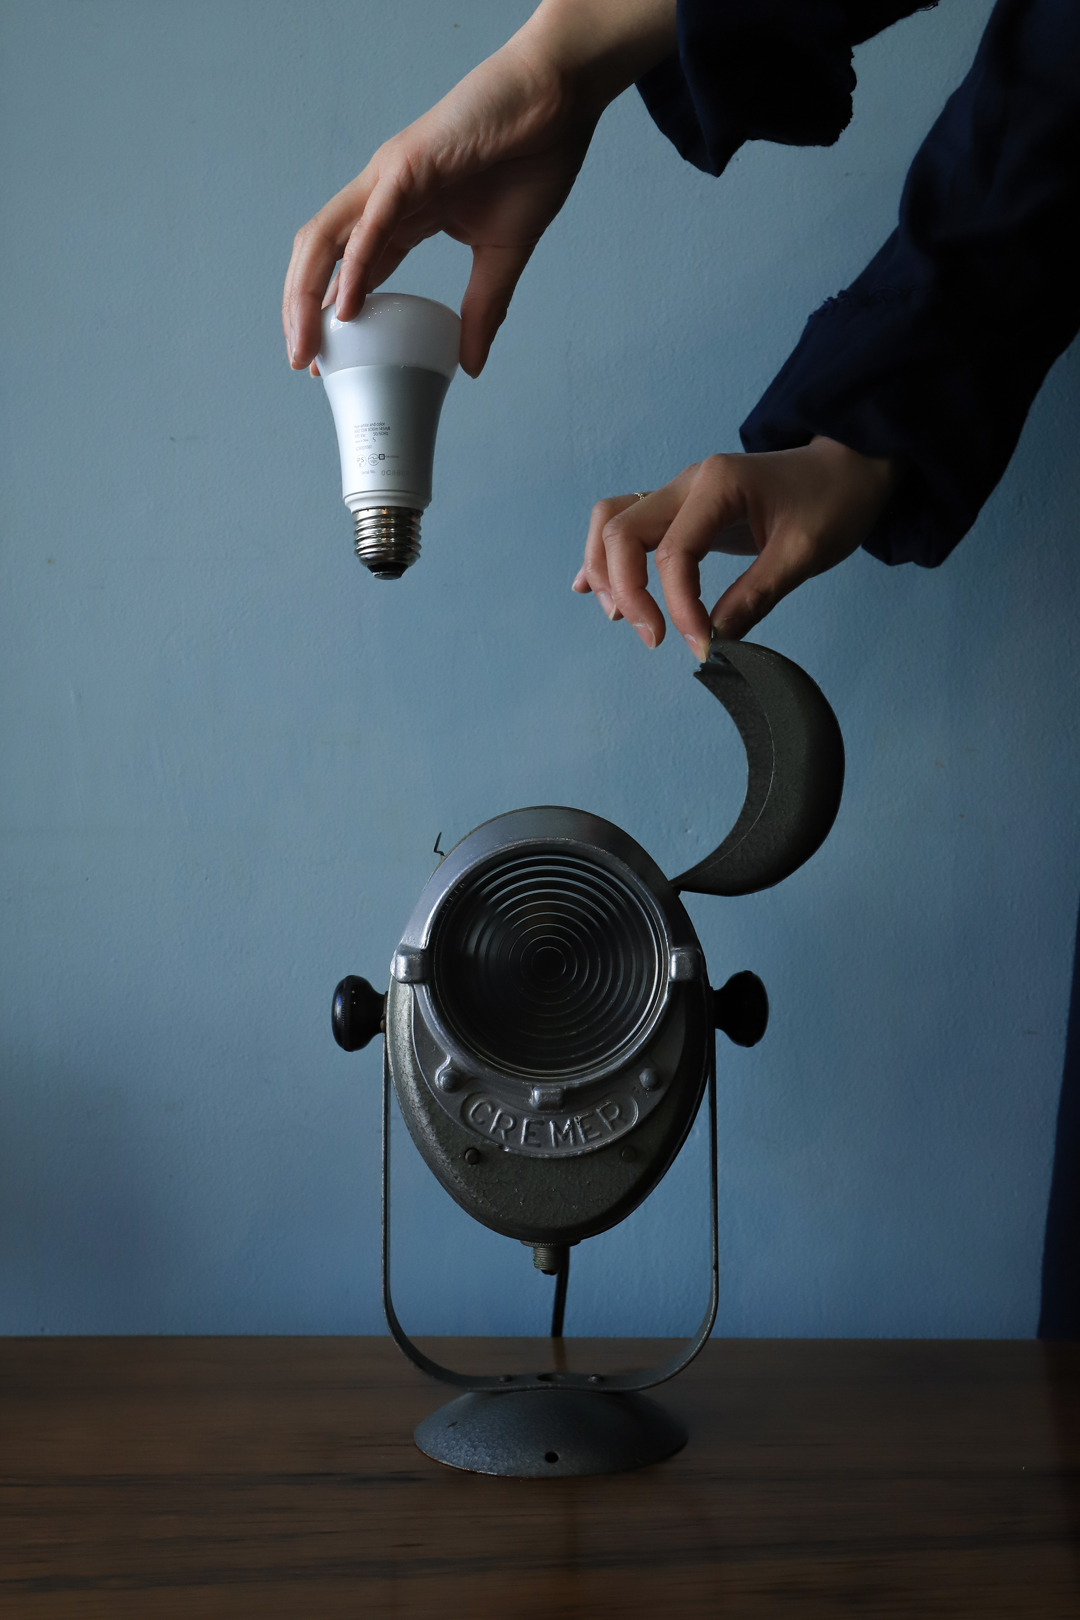 France Vintage A.E CREMER Studio Lamp/フランスヴィンテージ クレメール スタジオランプ 照明 撮影 インテリア